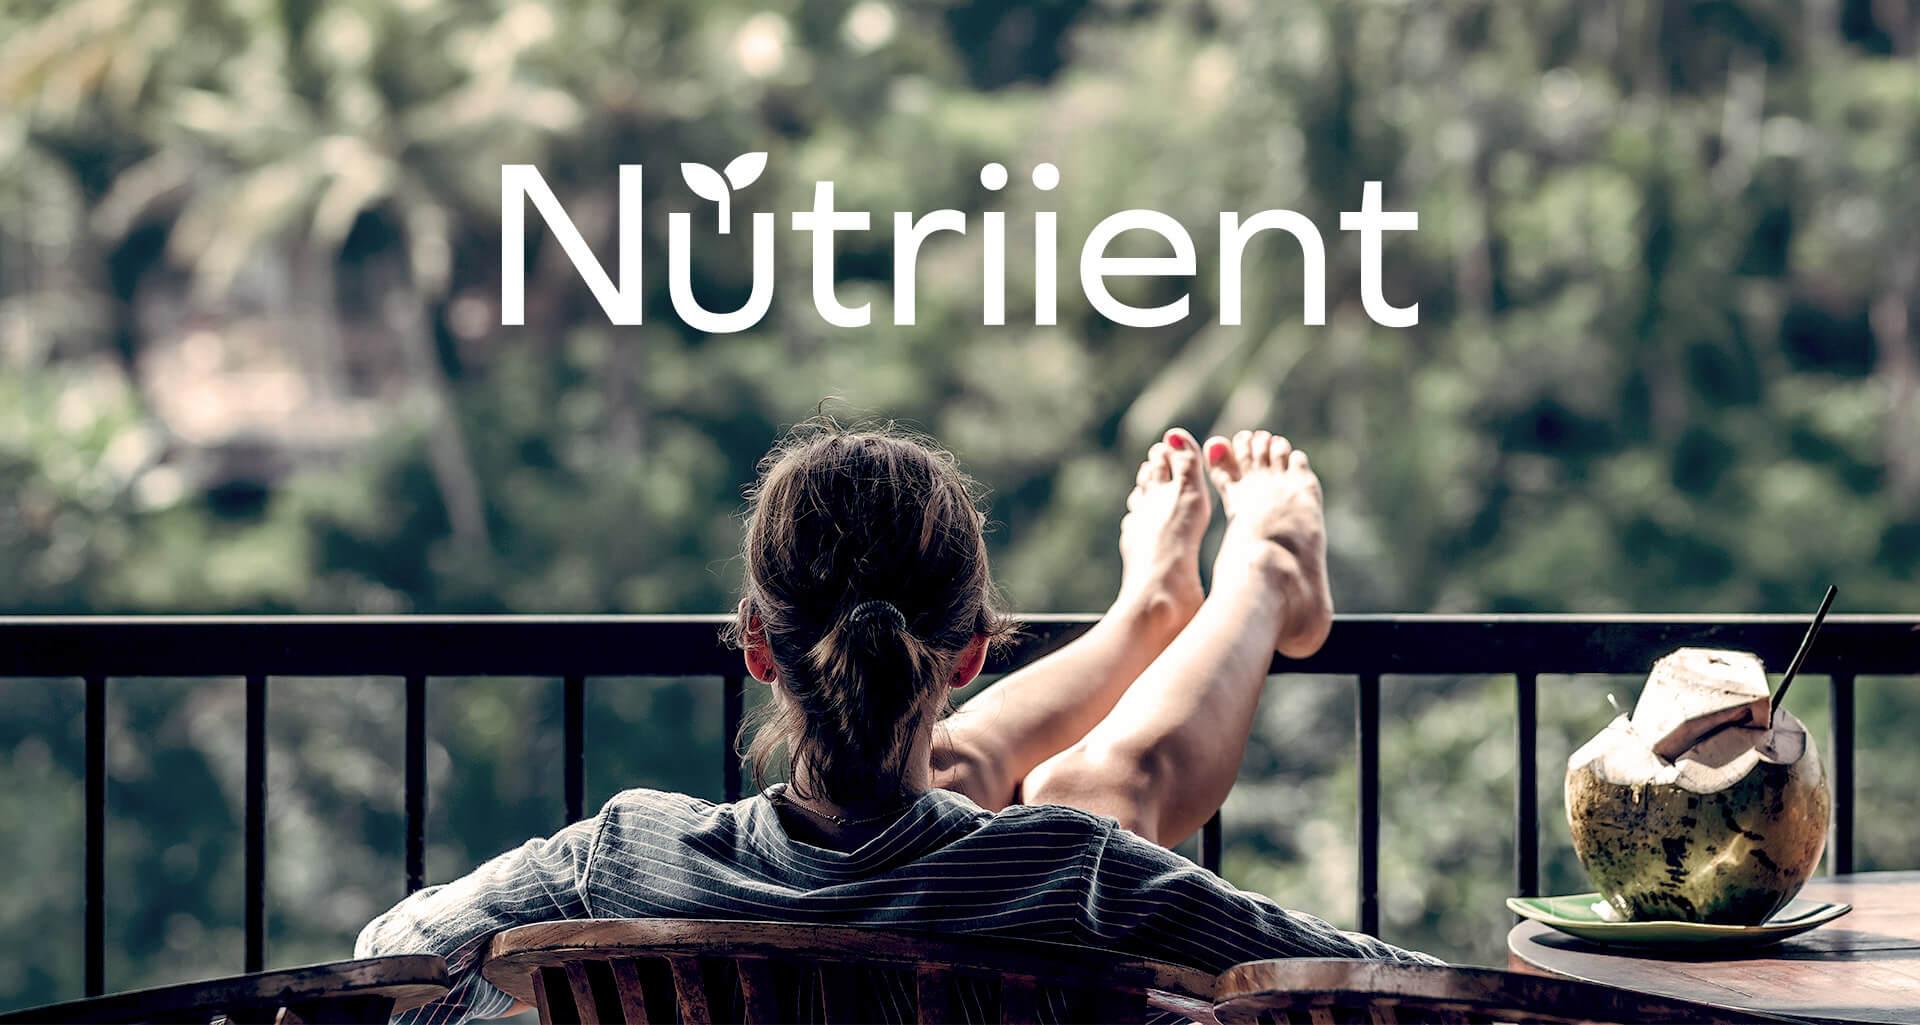 Nutriient Branding